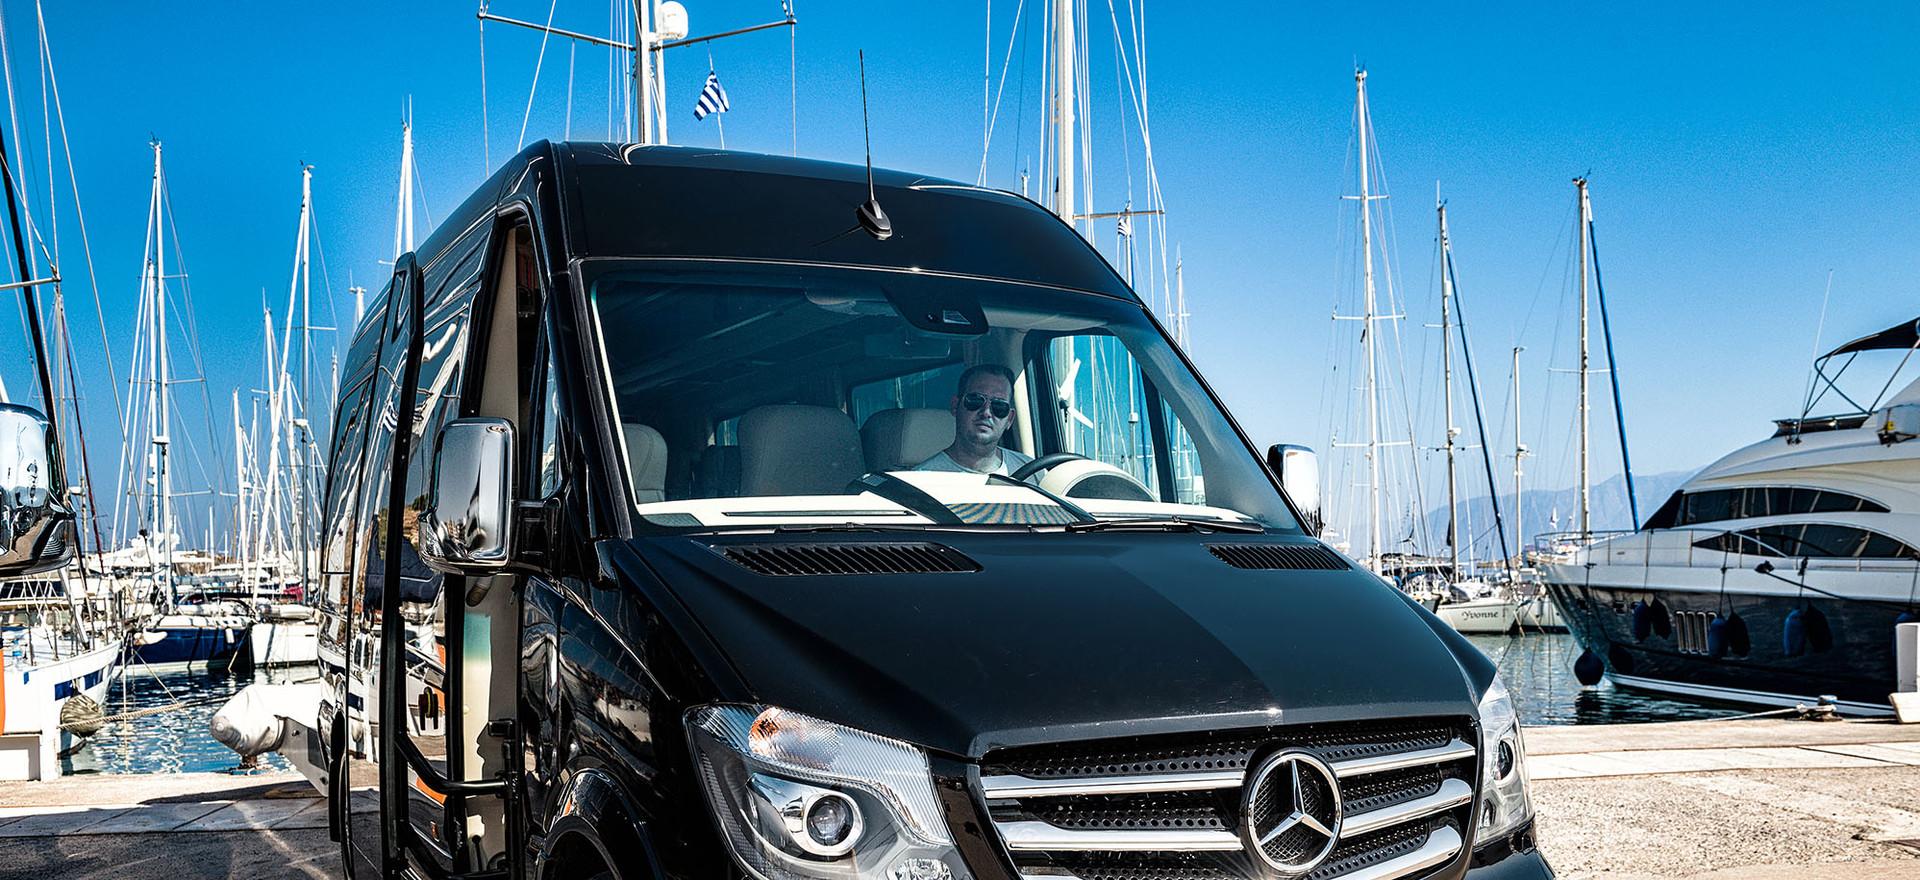 Private-Luxury transfers in Crete, Transfers in Crete